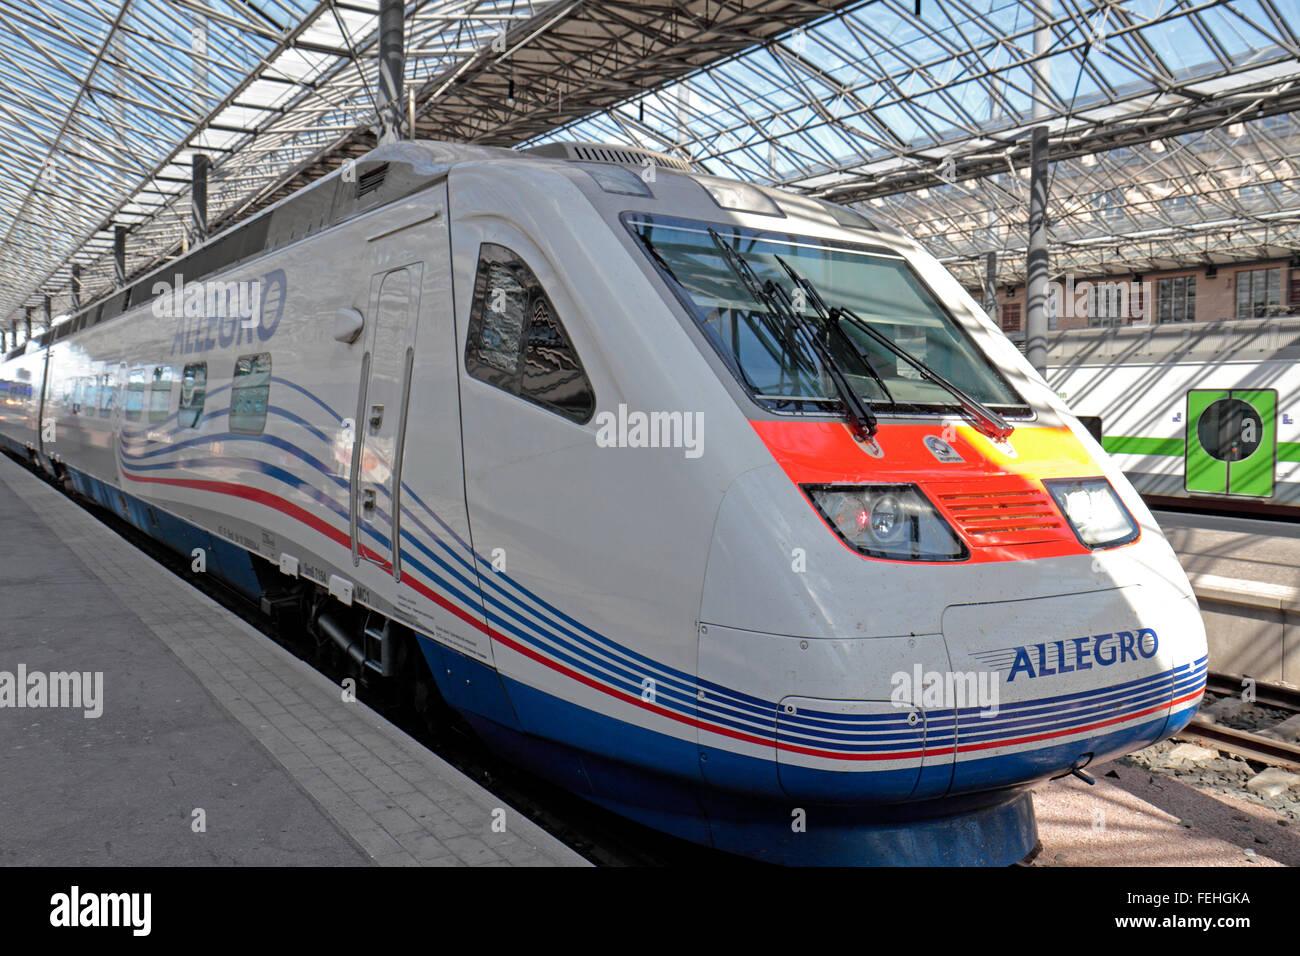 Il treno Allegro sulla piattaforma a Helsinki in Finlandia. Si corre da San Pietroburgo in Russia a Helsinki. Immagini Stock